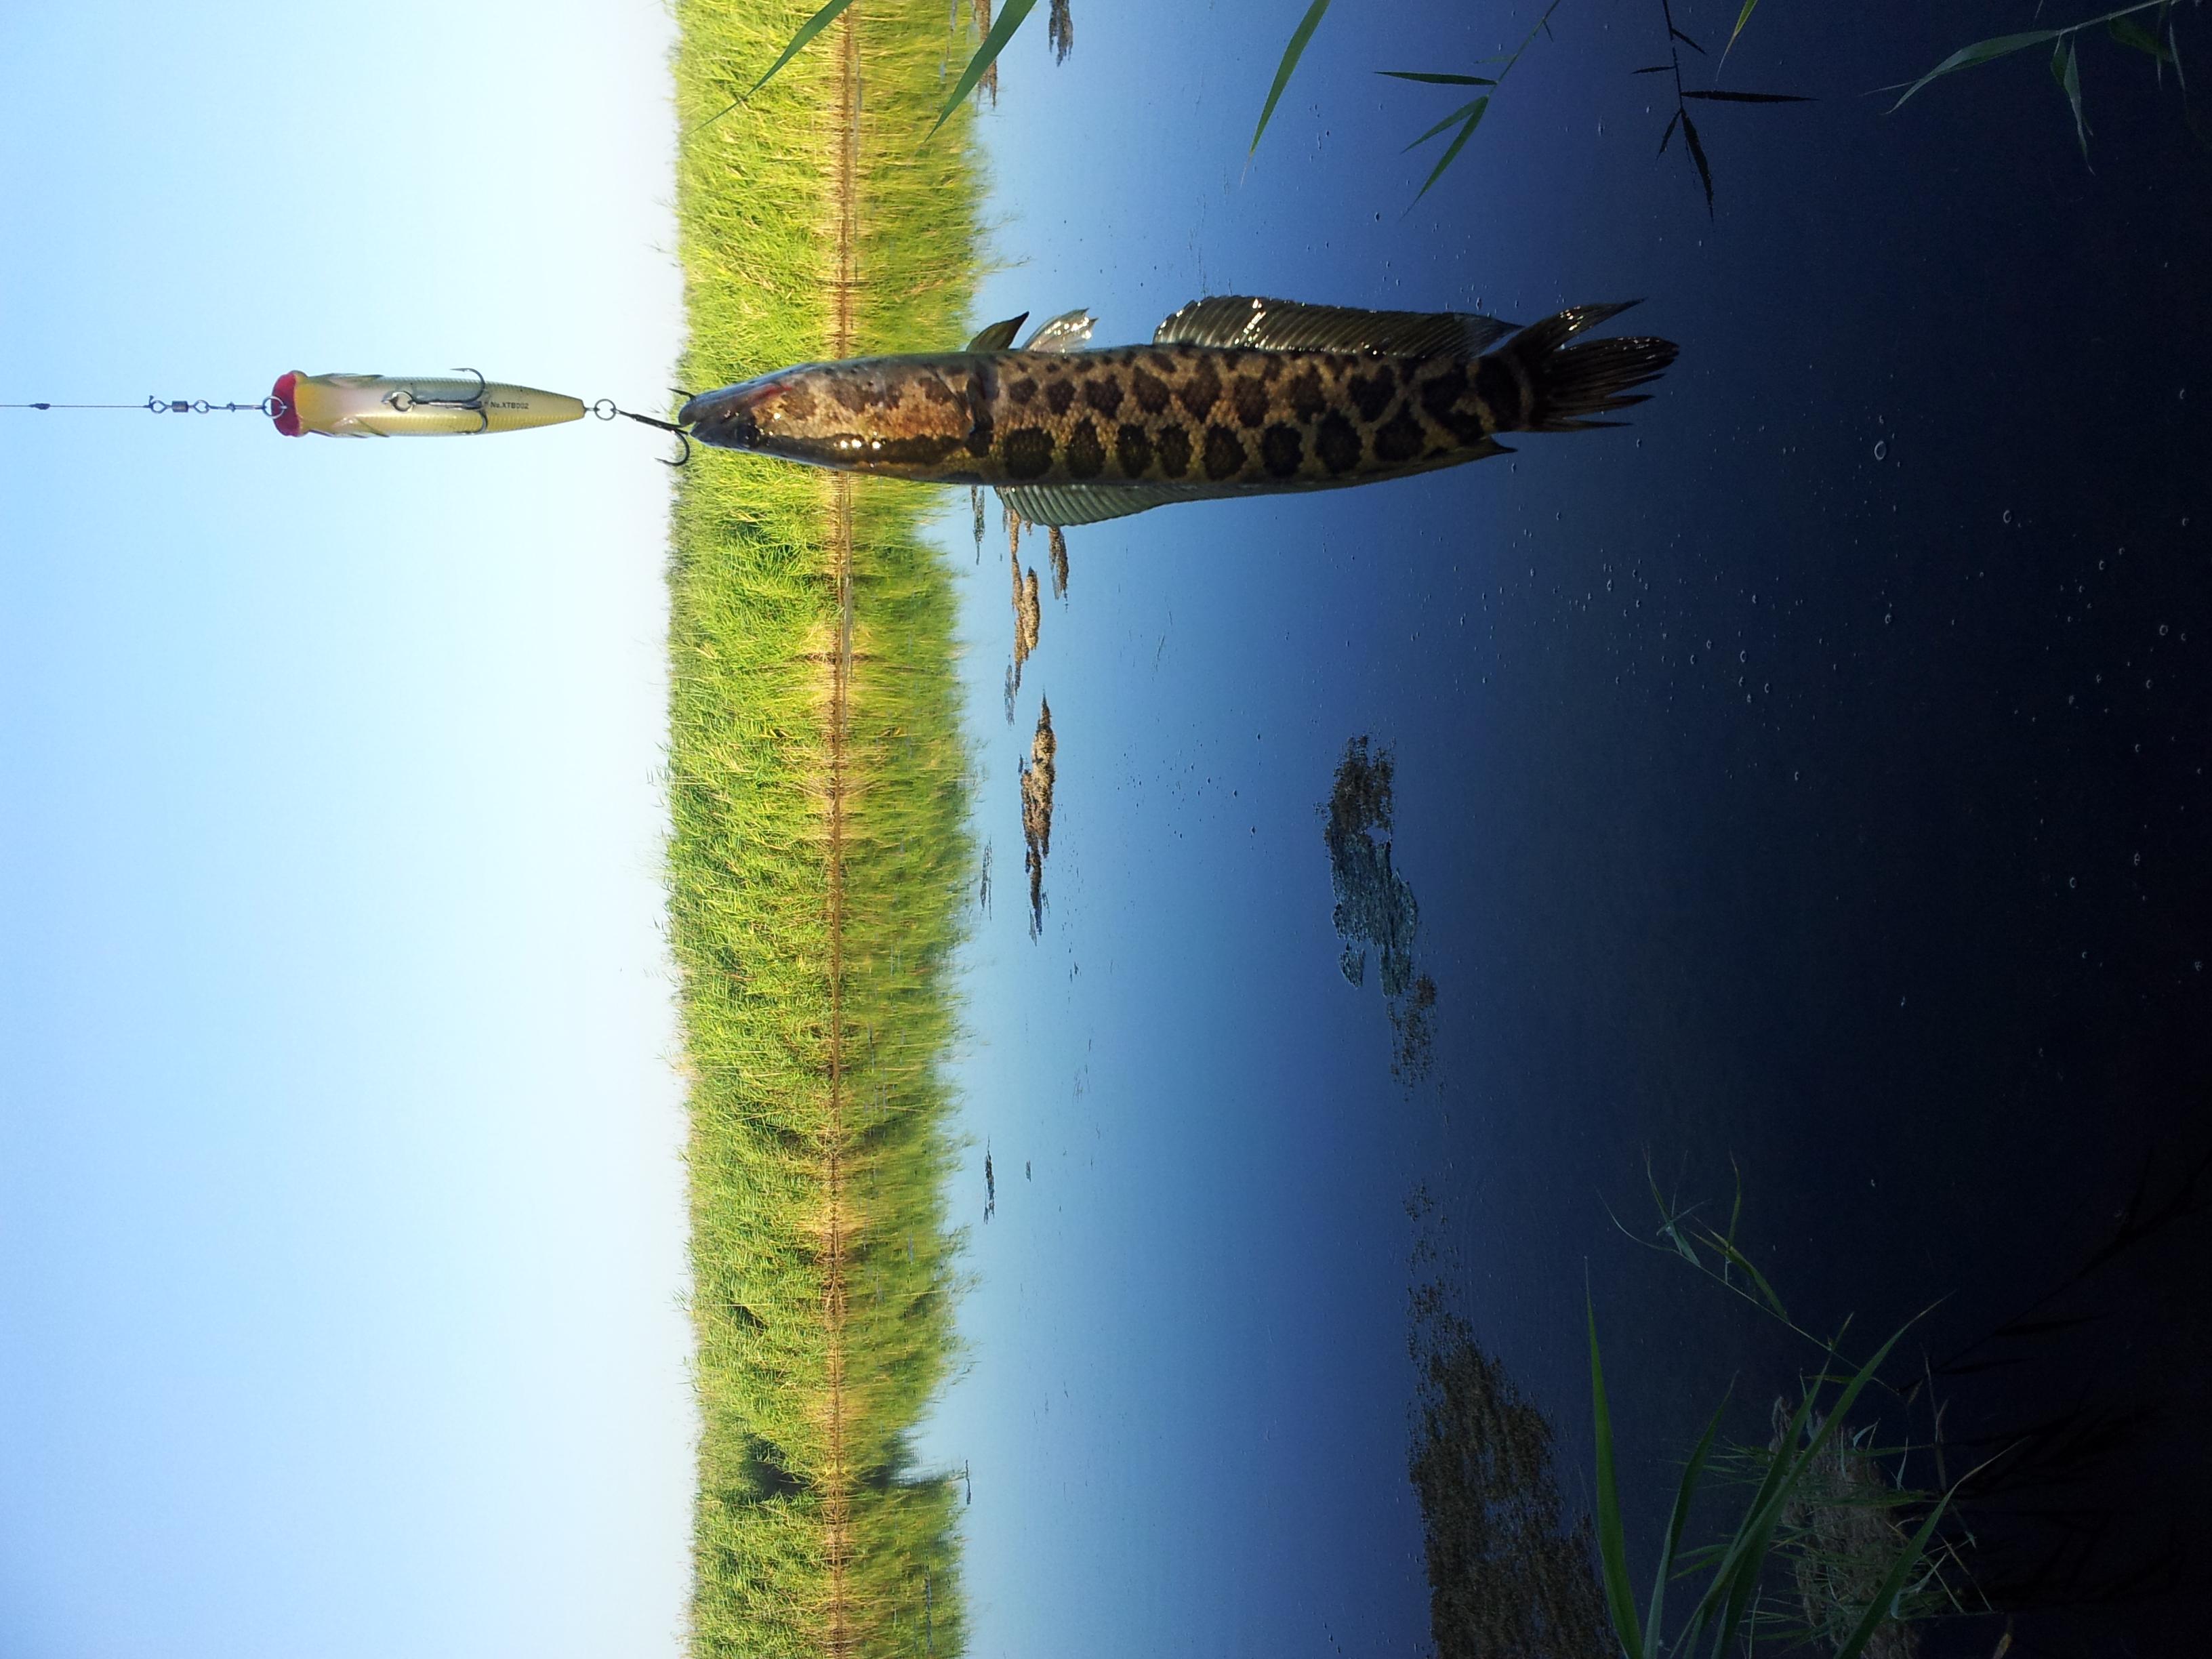 Фото узбекистанских писек 13 фотография